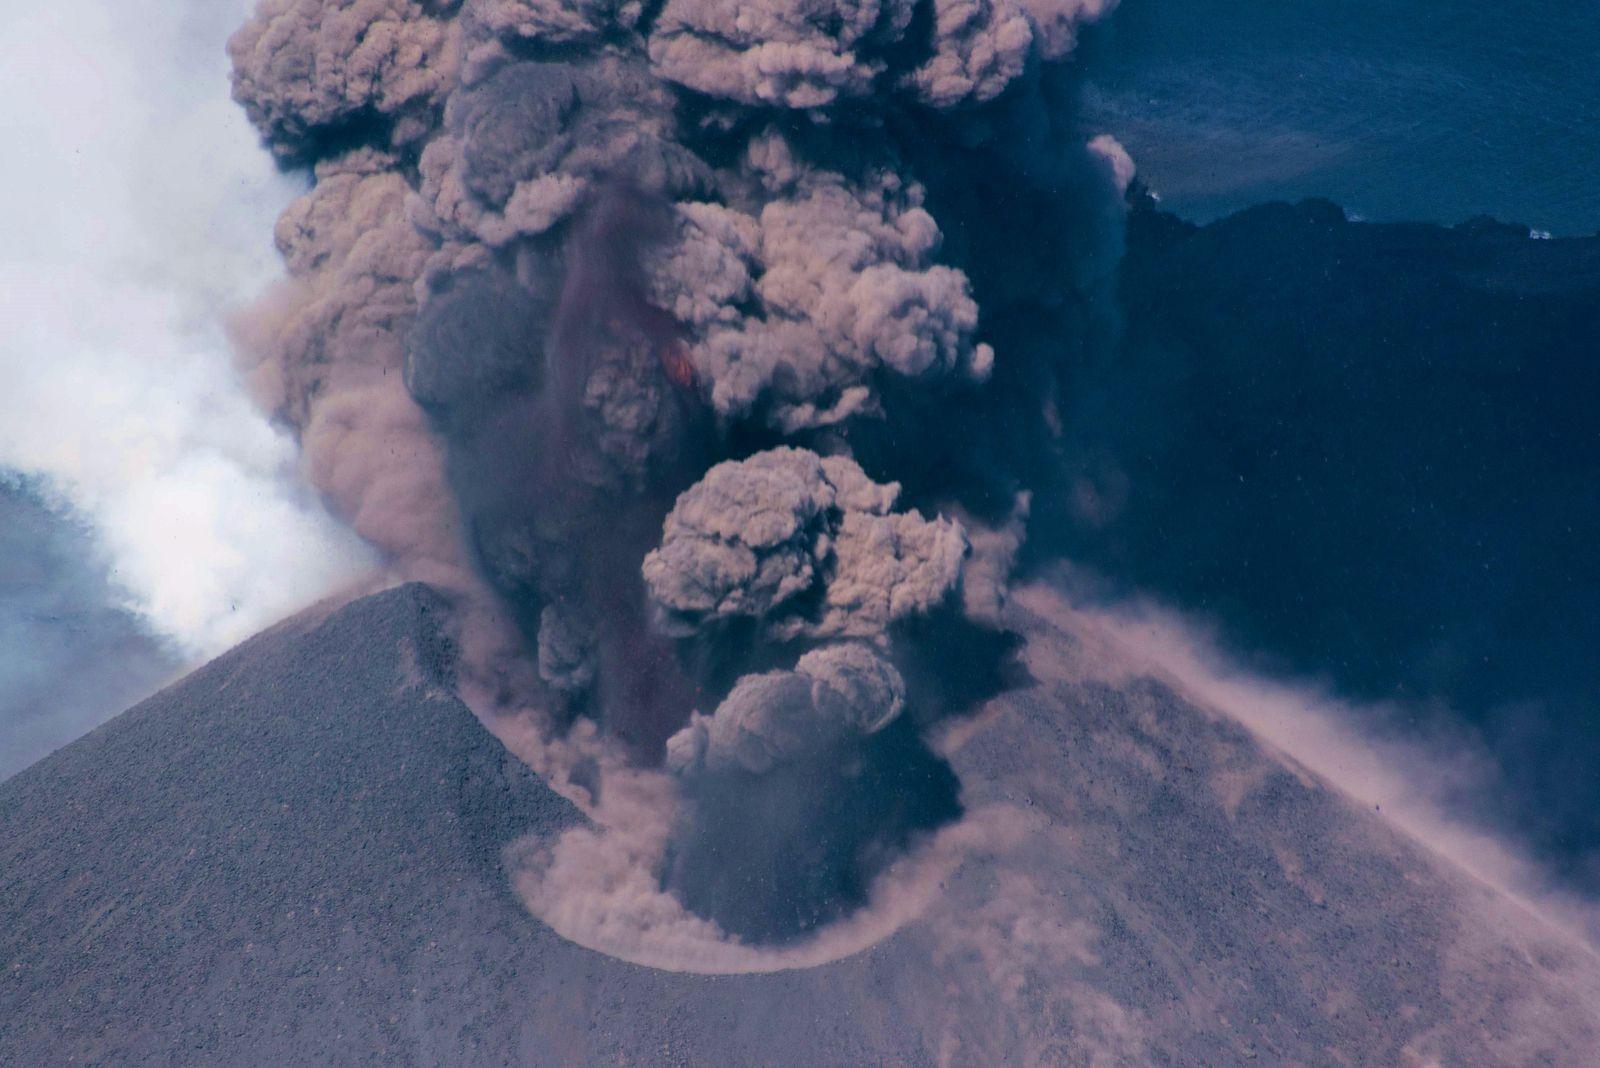 Nishinoshima - coalescence des cratères et projections incandescentes dans le panache de cendres - photo JCG 19.06.2020